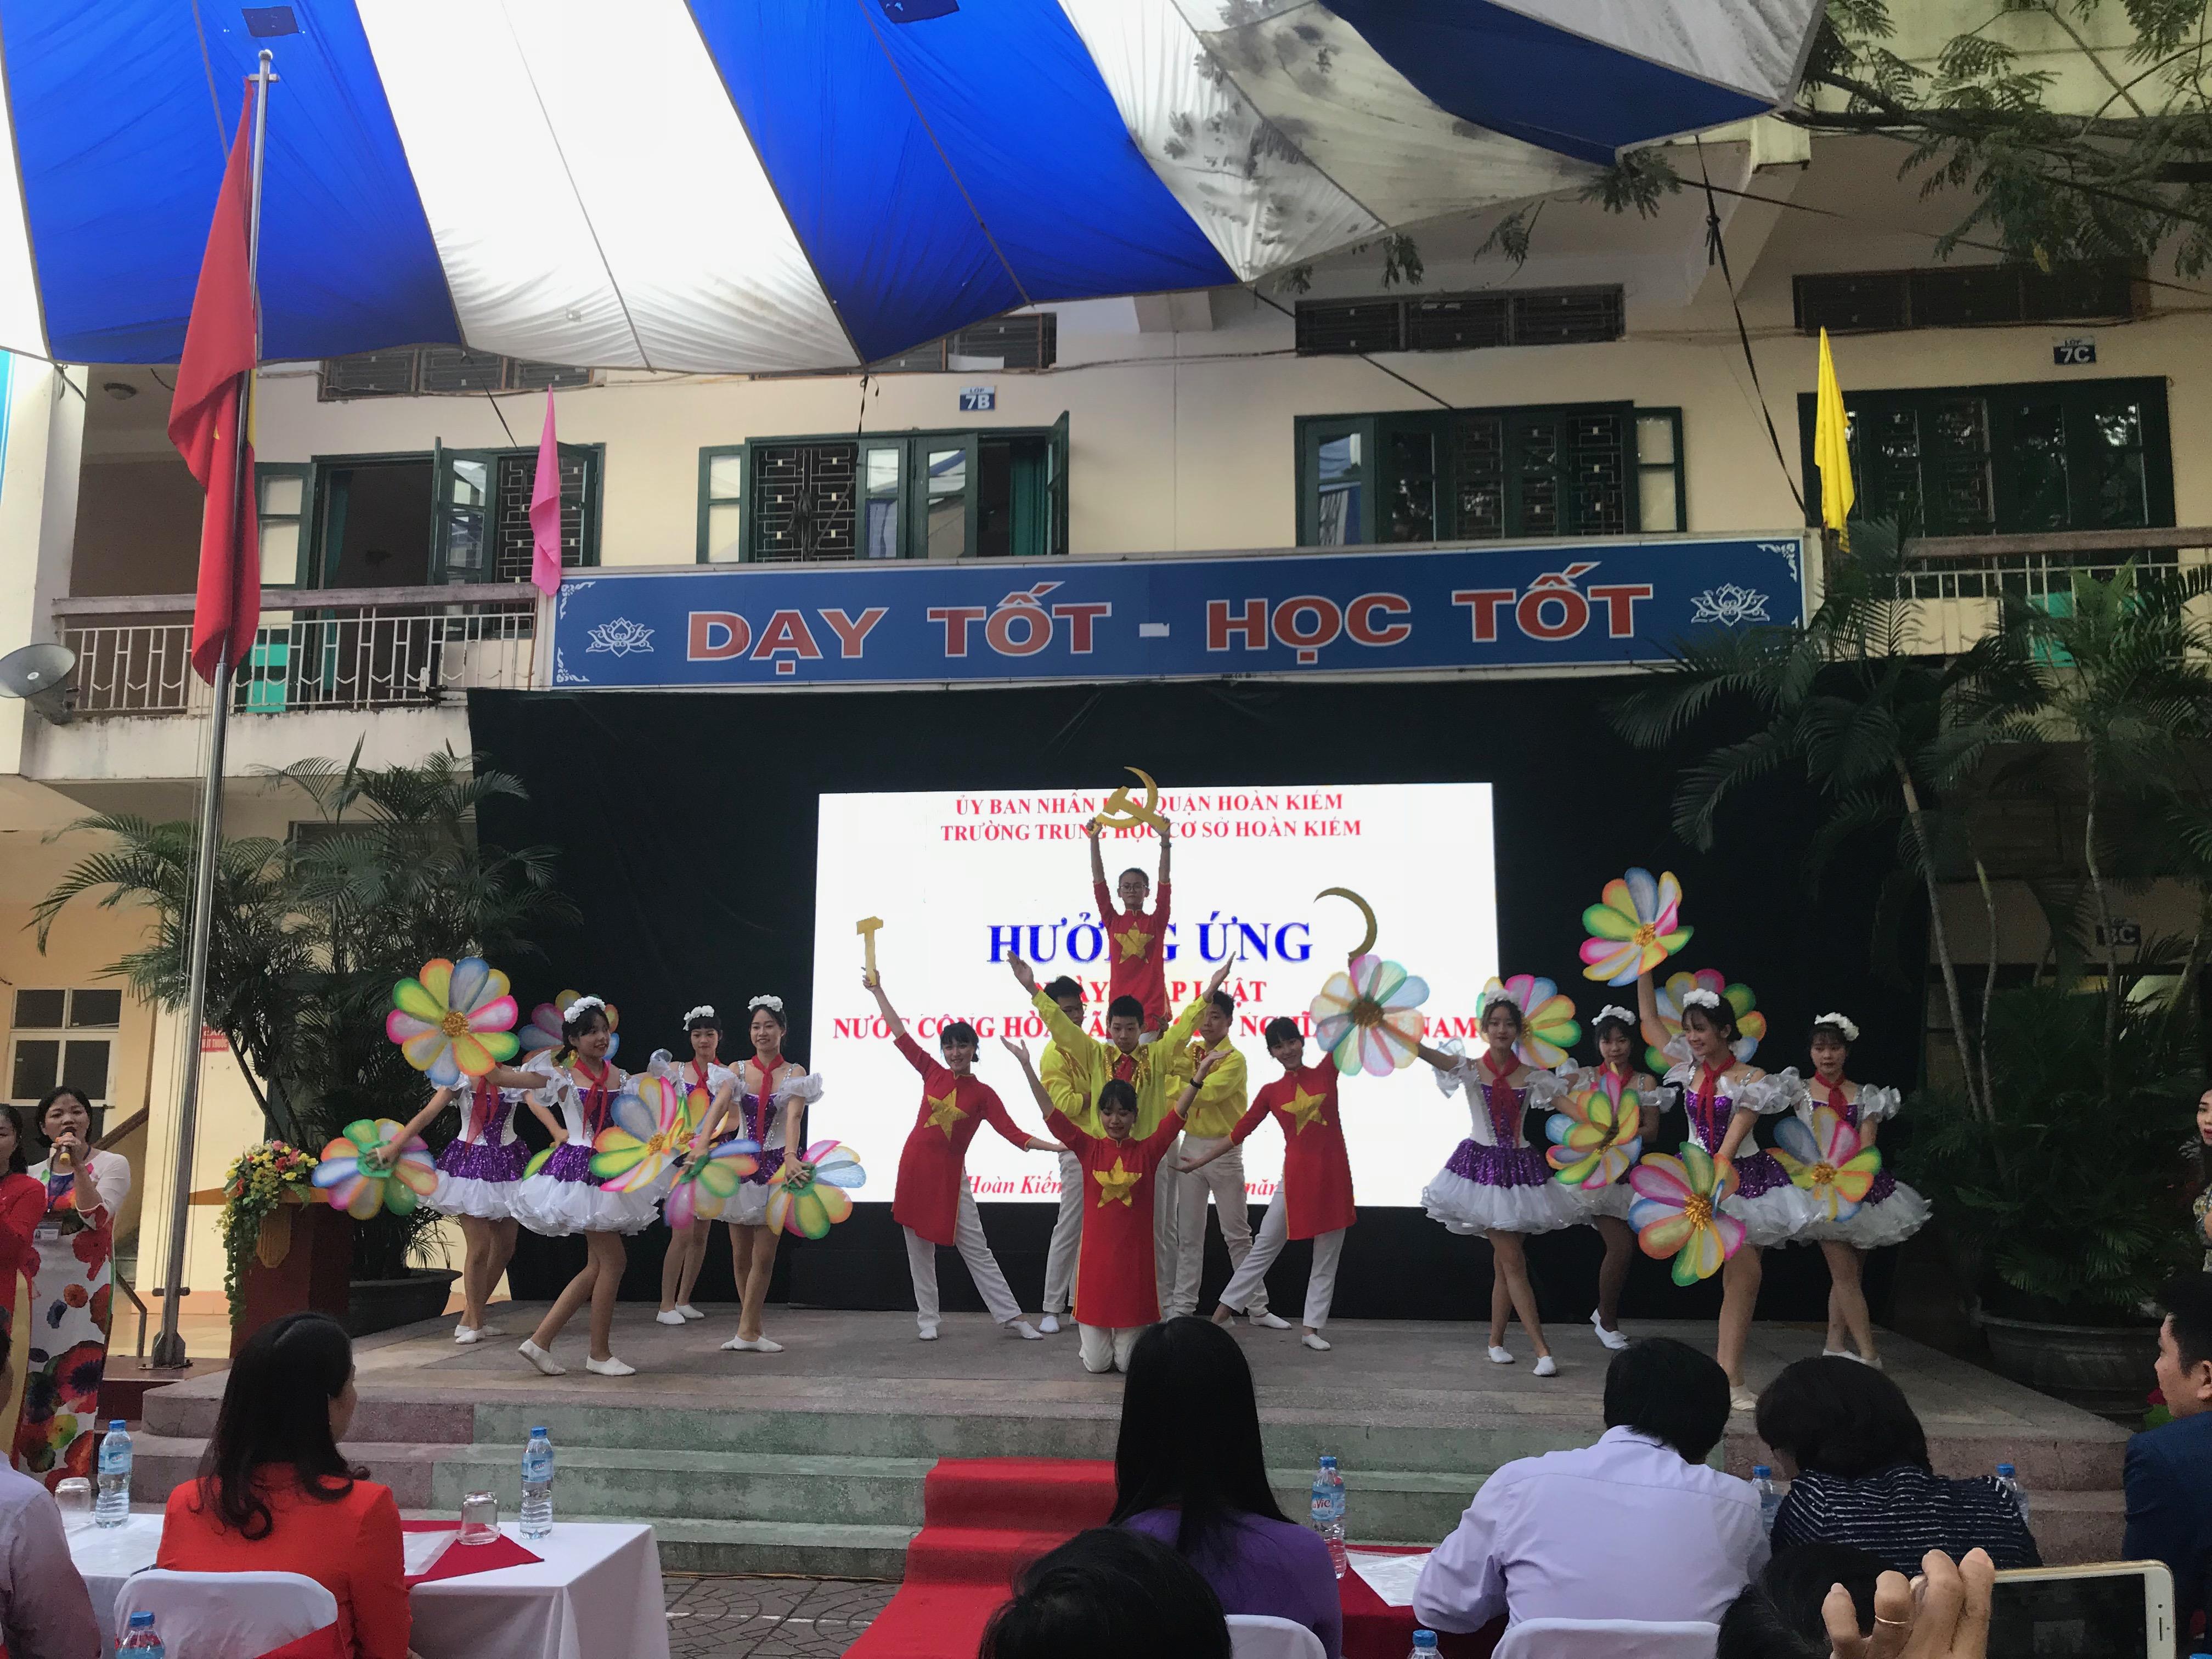 Trường THCS Hoàn Kiếm, quận Hoàn Kiếm, Hà Nội (Ảnh: Phòng Giáo Dục Quận Hoàn Kiếm)